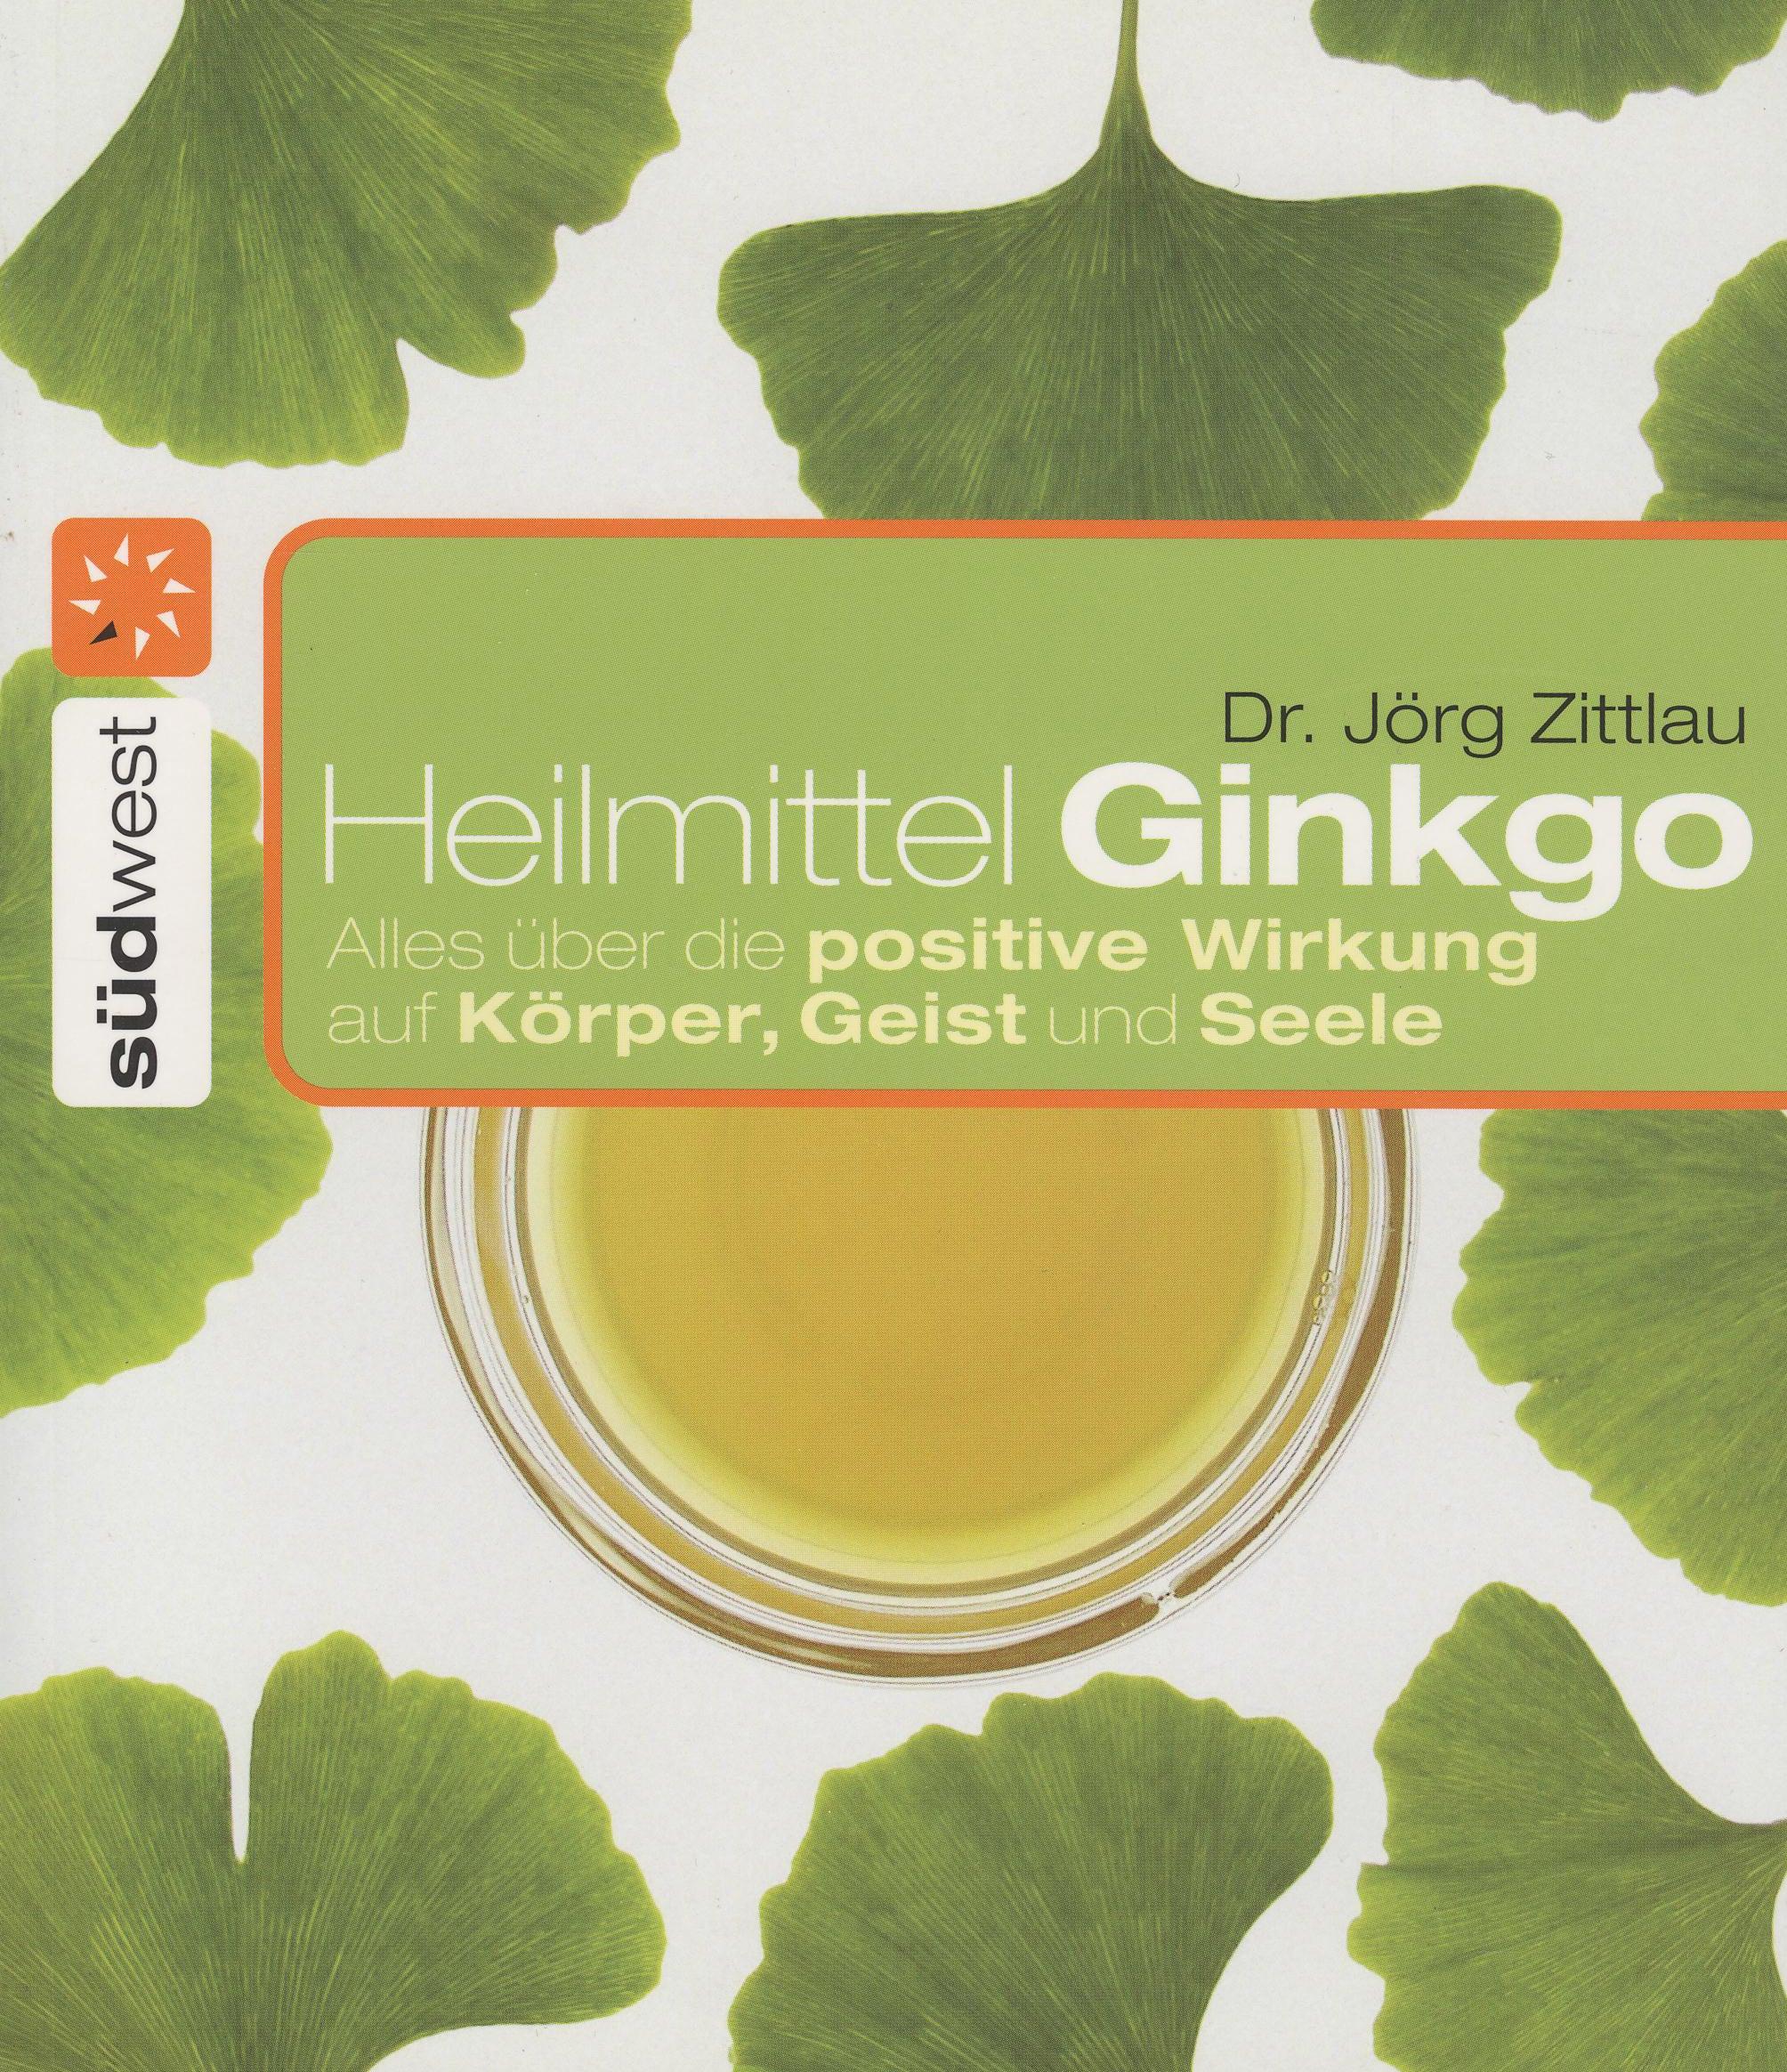 Heilmittel Ginkgo